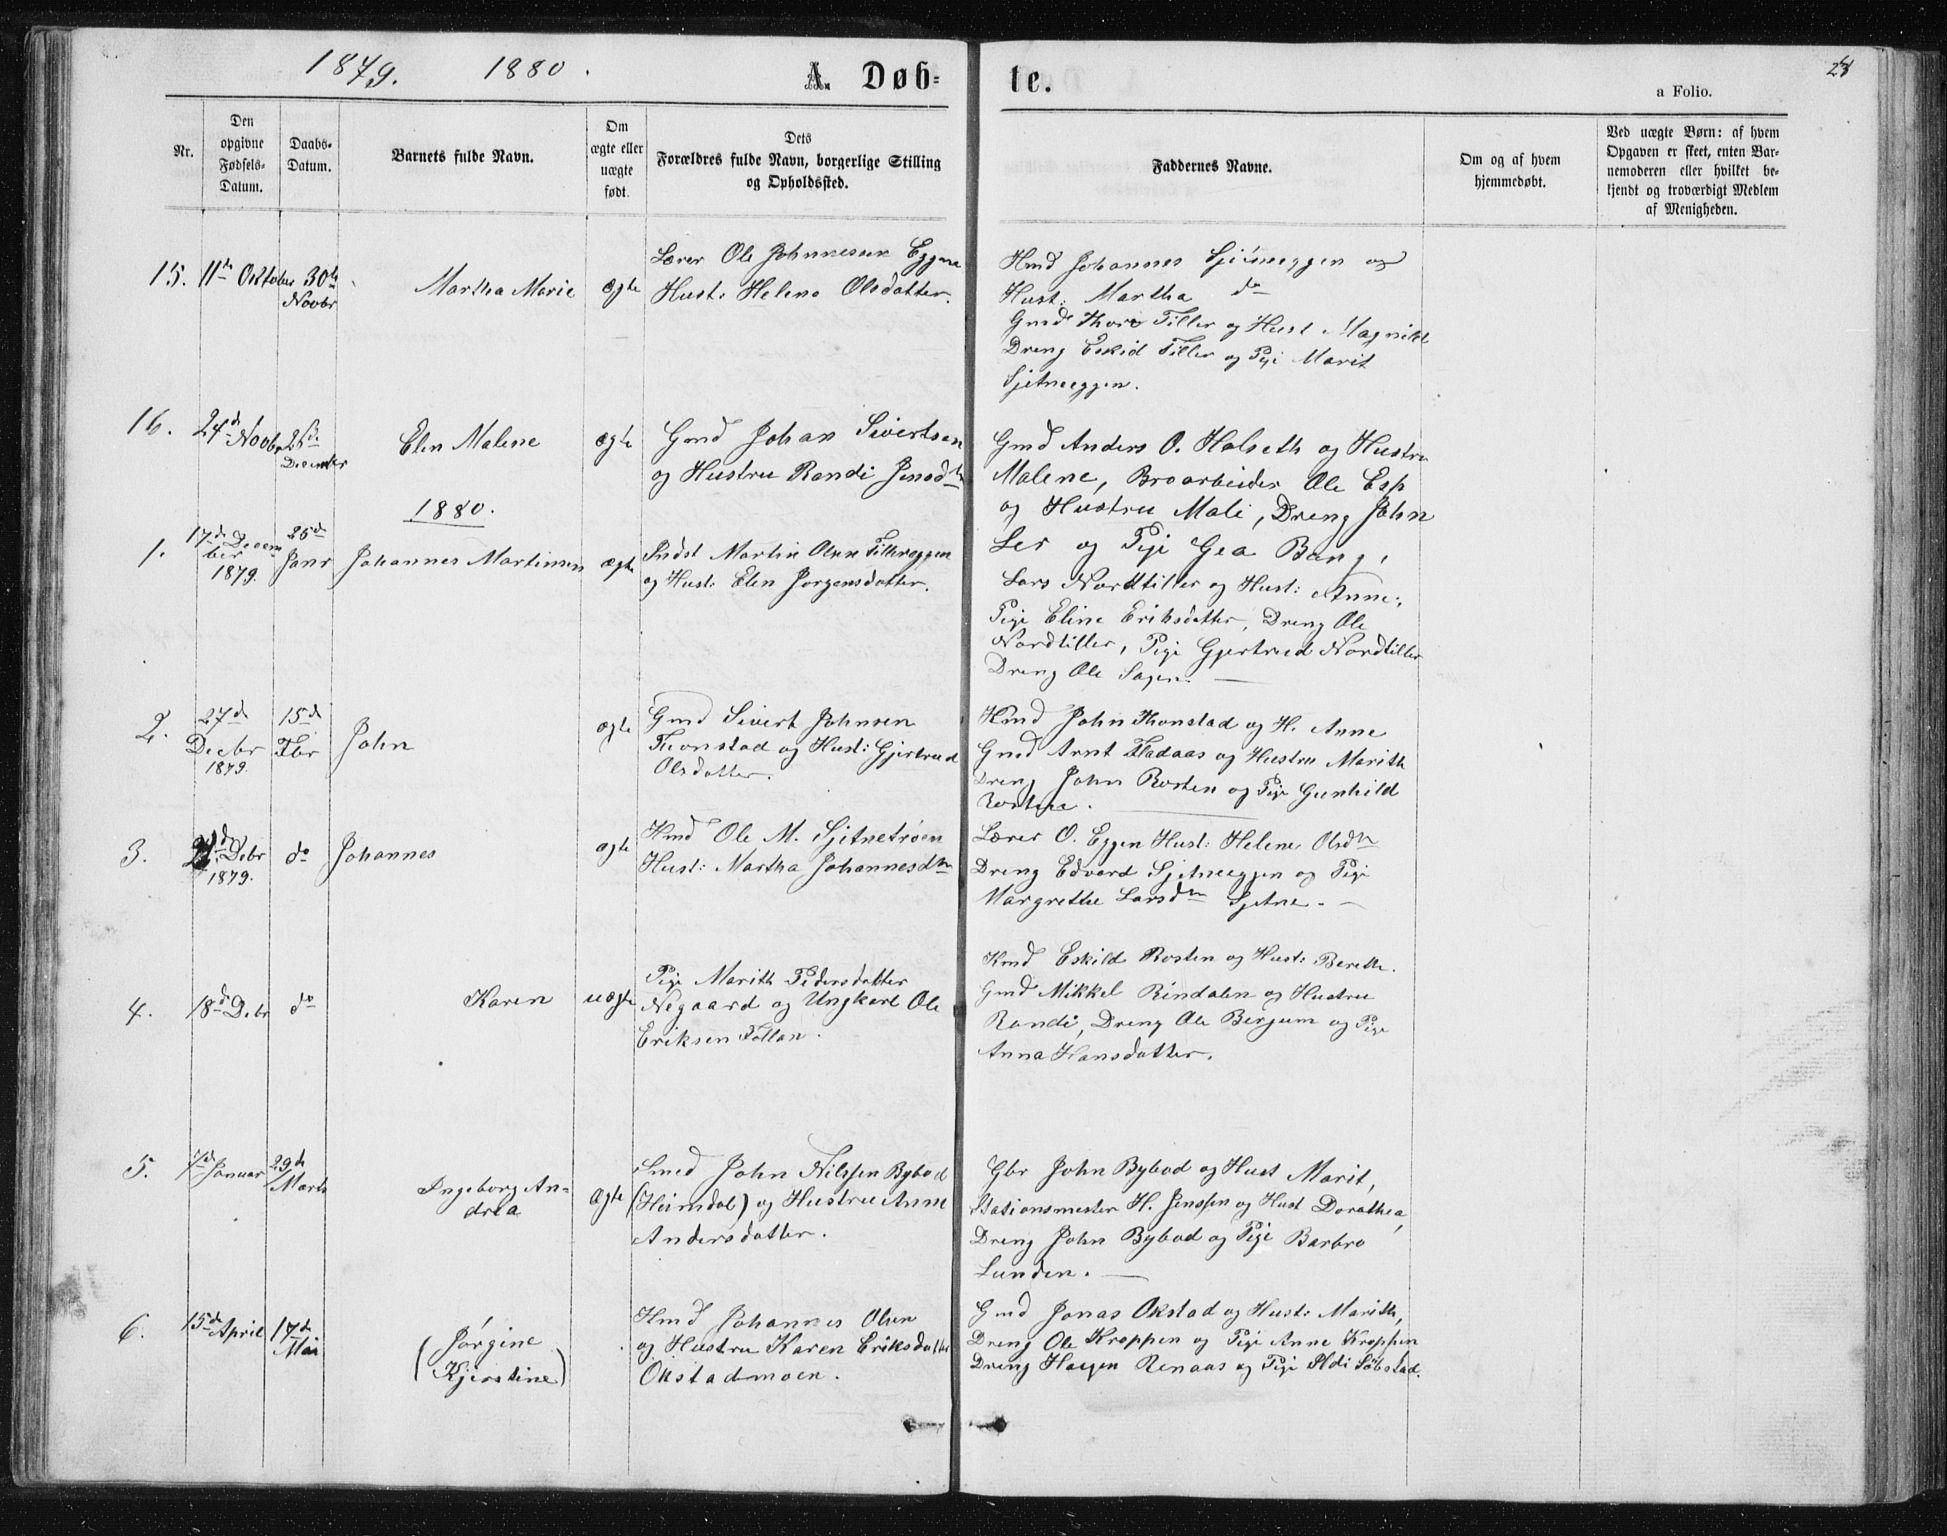 SAT, Ministerialprotokoller, klokkerbøker og fødselsregistre - Sør-Trøndelag, 621/L0459: Klokkerbok nr. 621C02, 1866-1895, s. 24